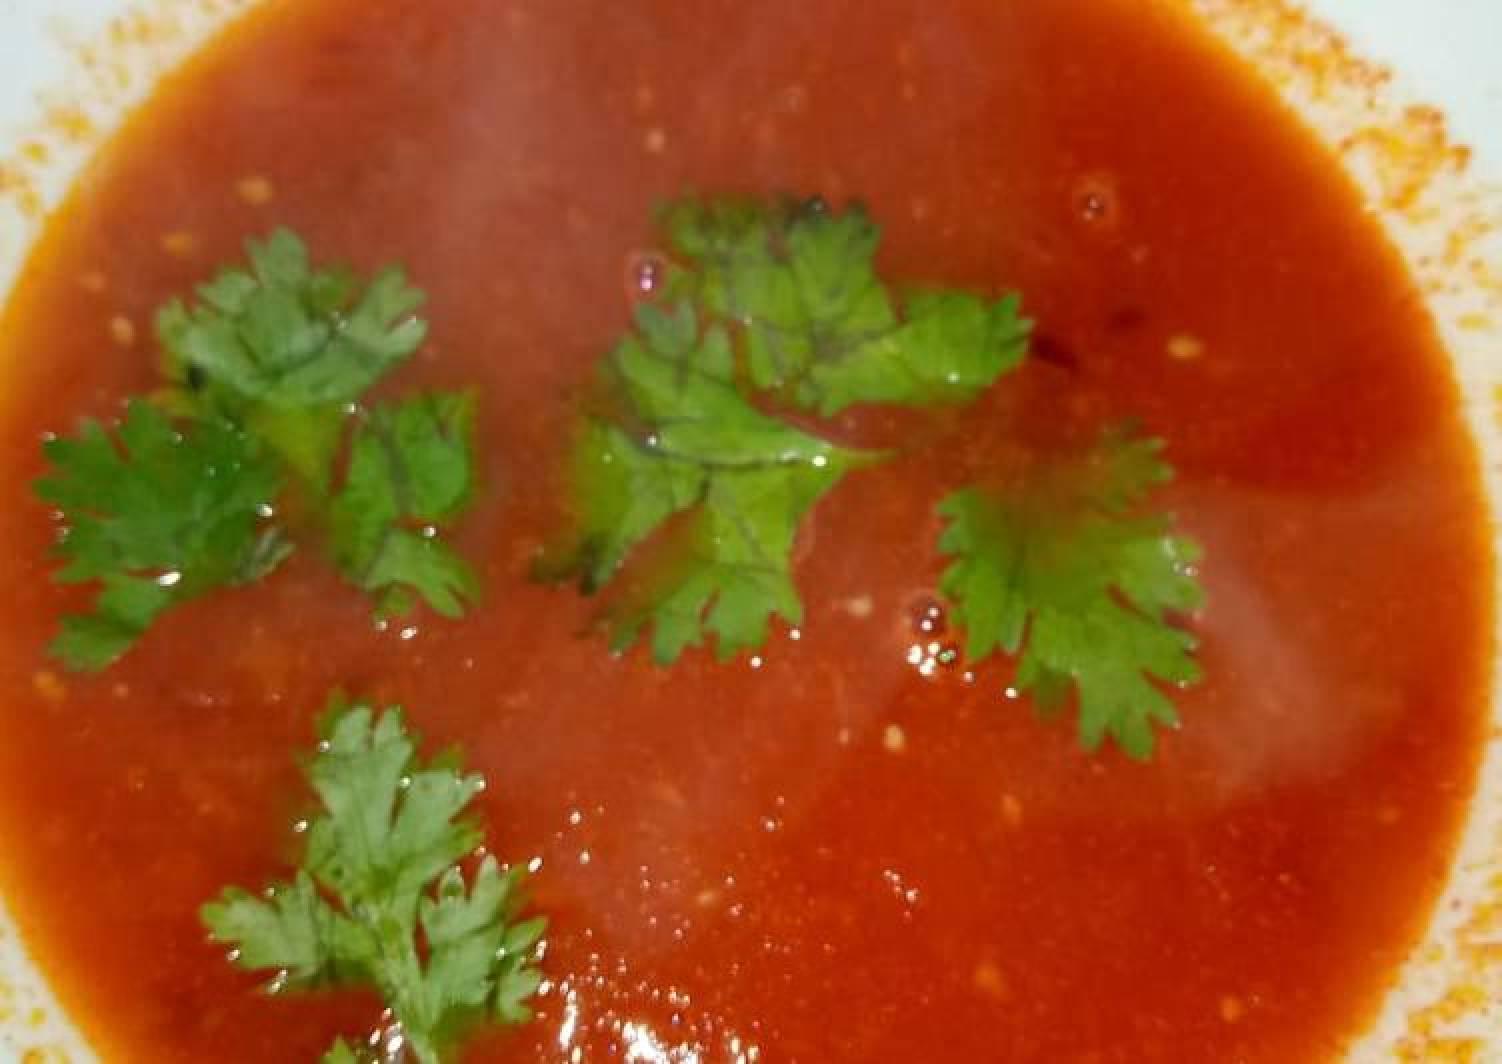 Tomato lime sauce